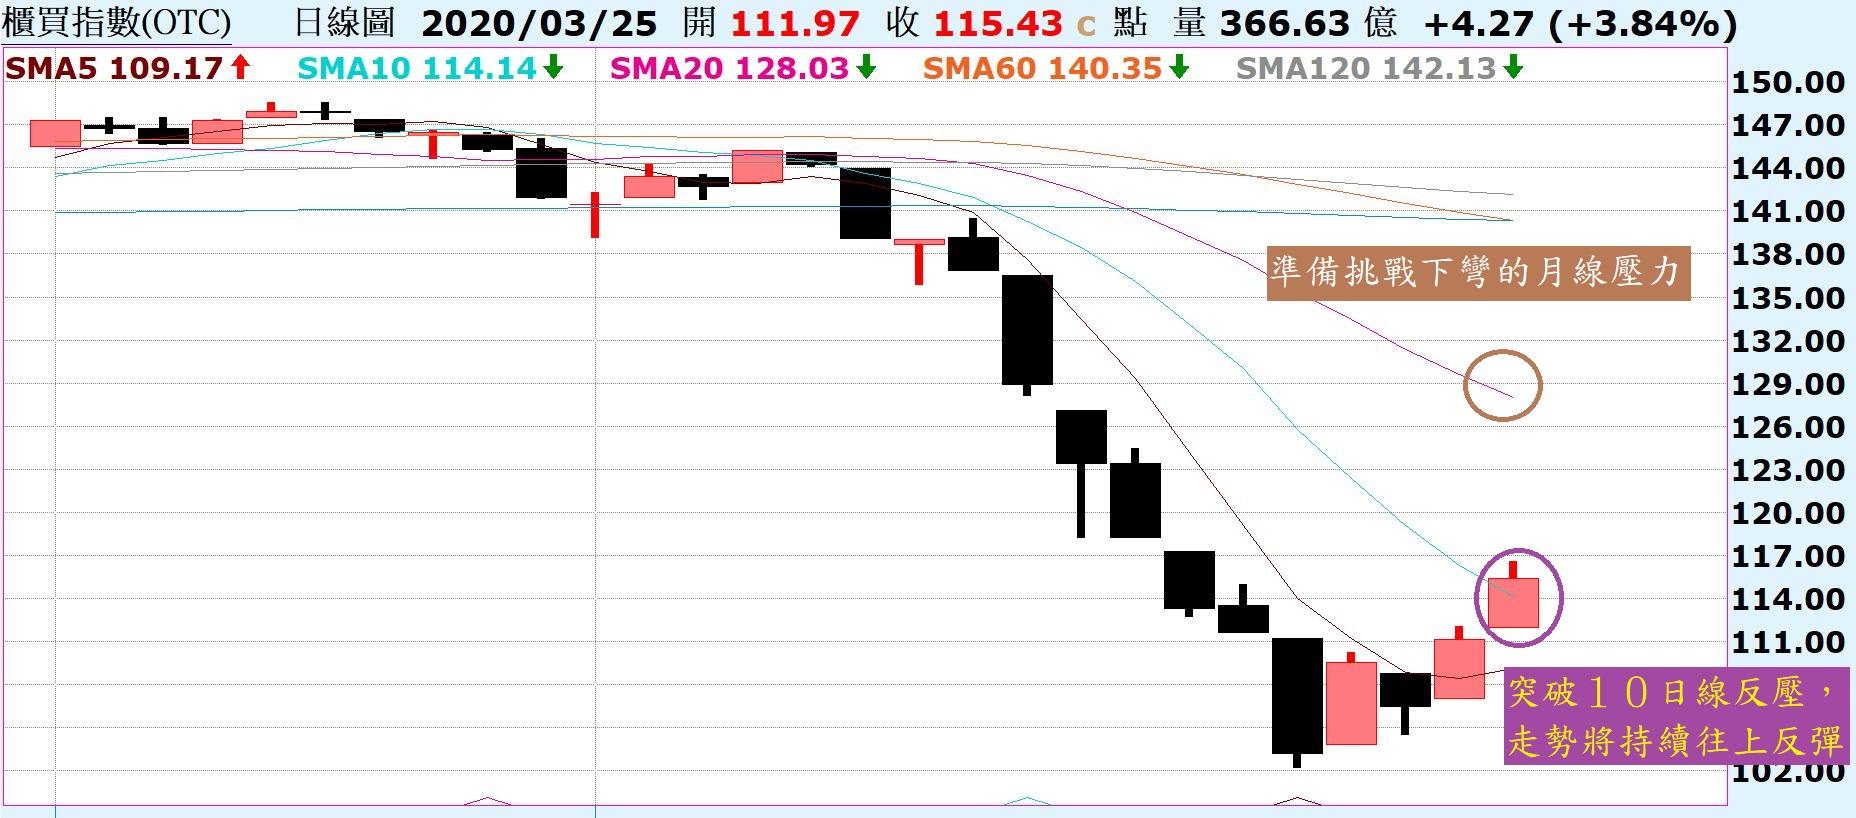 市場吹起一陣反彈風,走勢將持續向上反彈!_02